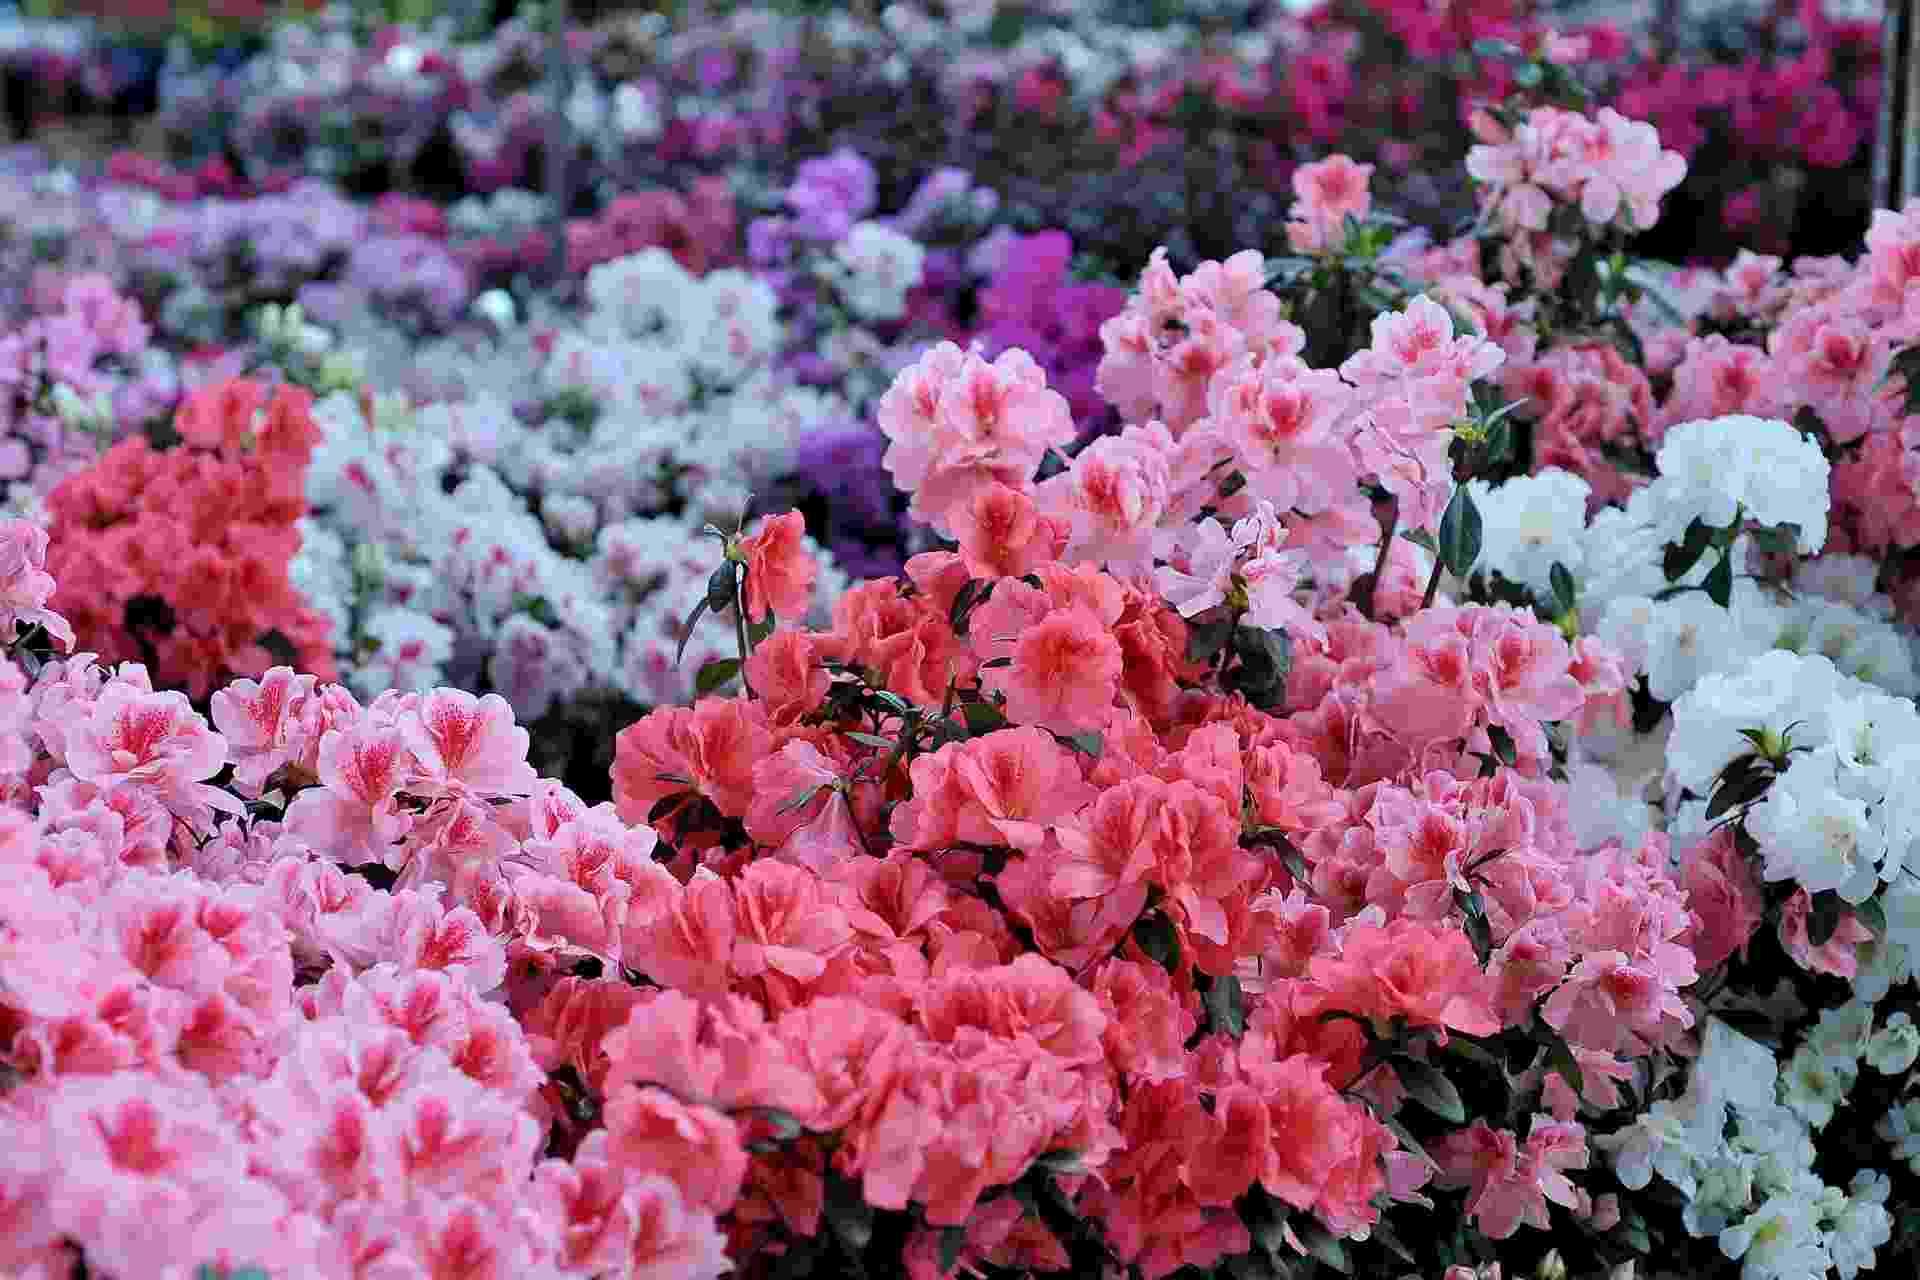 17.dez.2013 - Diversidade de flores e cores traz com a Primavera a sensação de que a vida se renova. Rosas brancas, roxas, amarelas e vermelhas perfumam a chegada desta época do ano - Reinaldo Canato/UOL